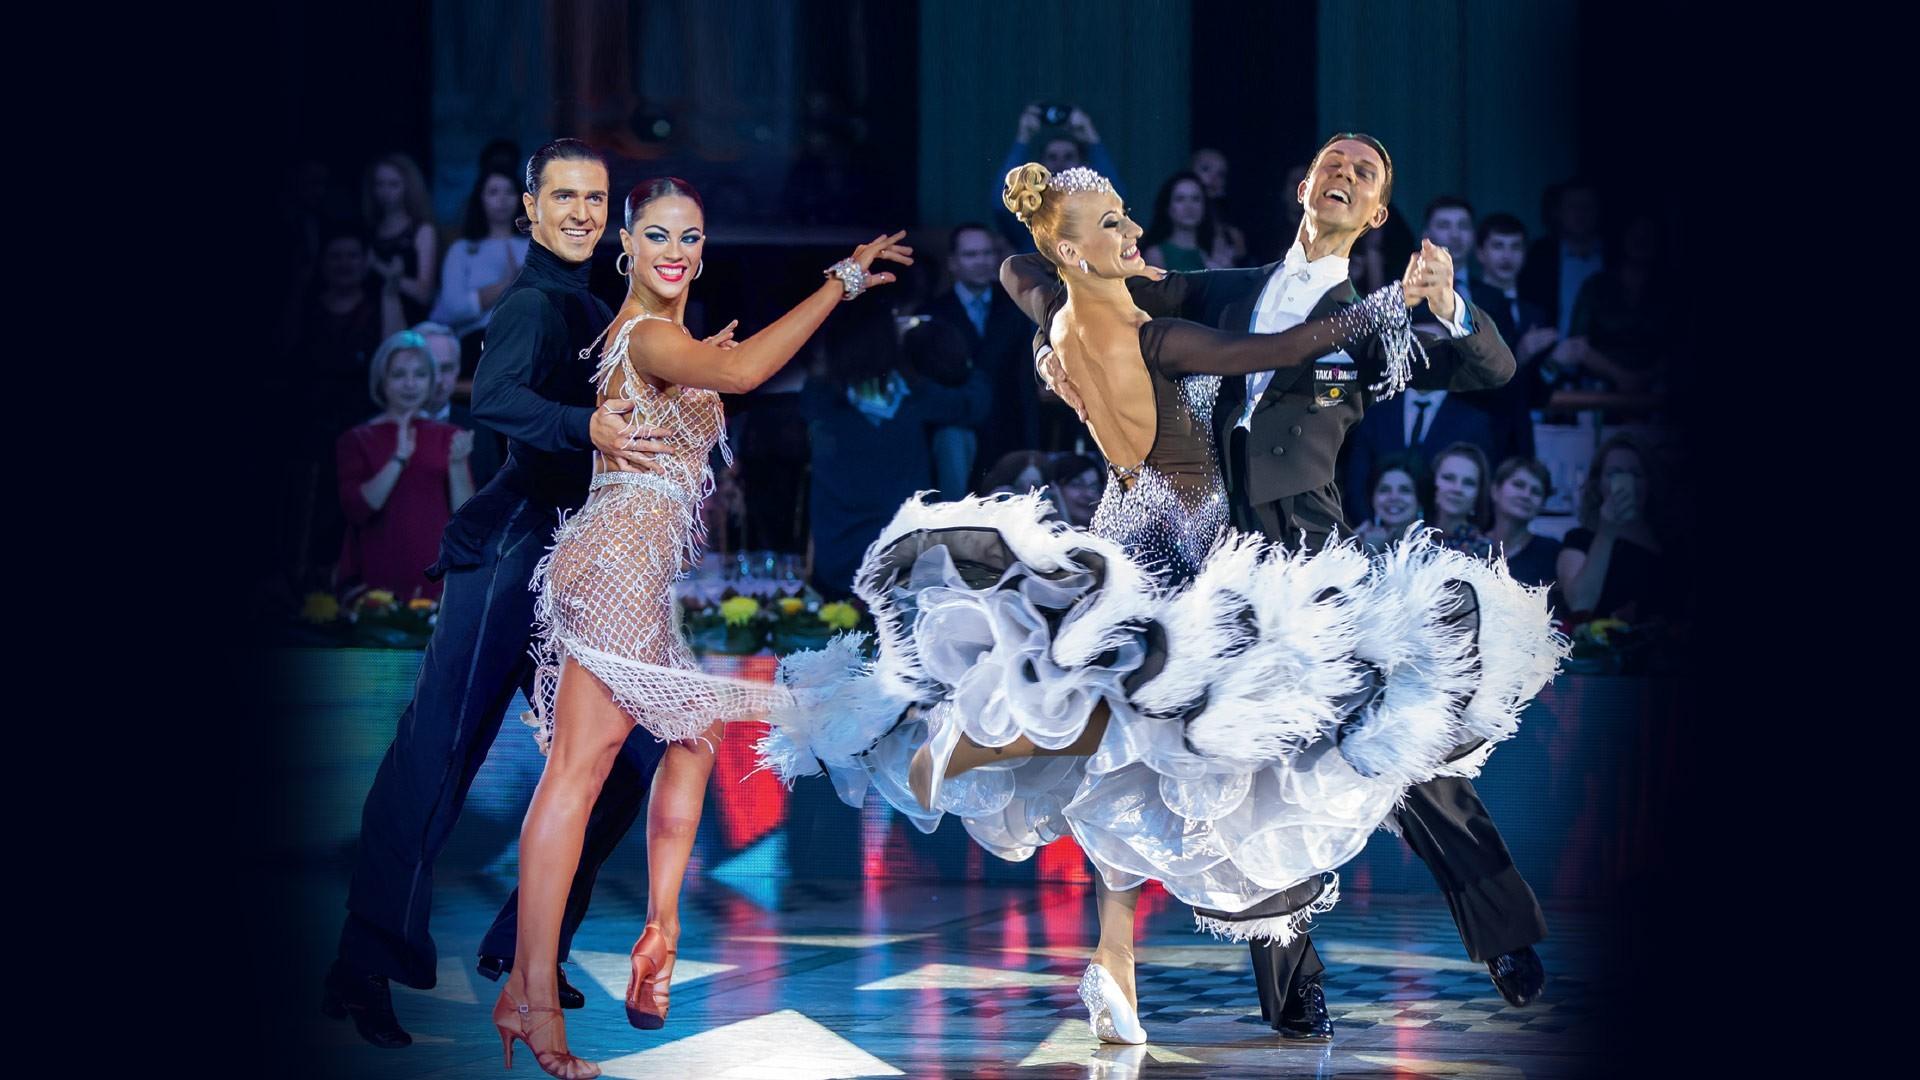 Чемпионат Европы 2019 по латиноамериканским танцам среди профессионалов